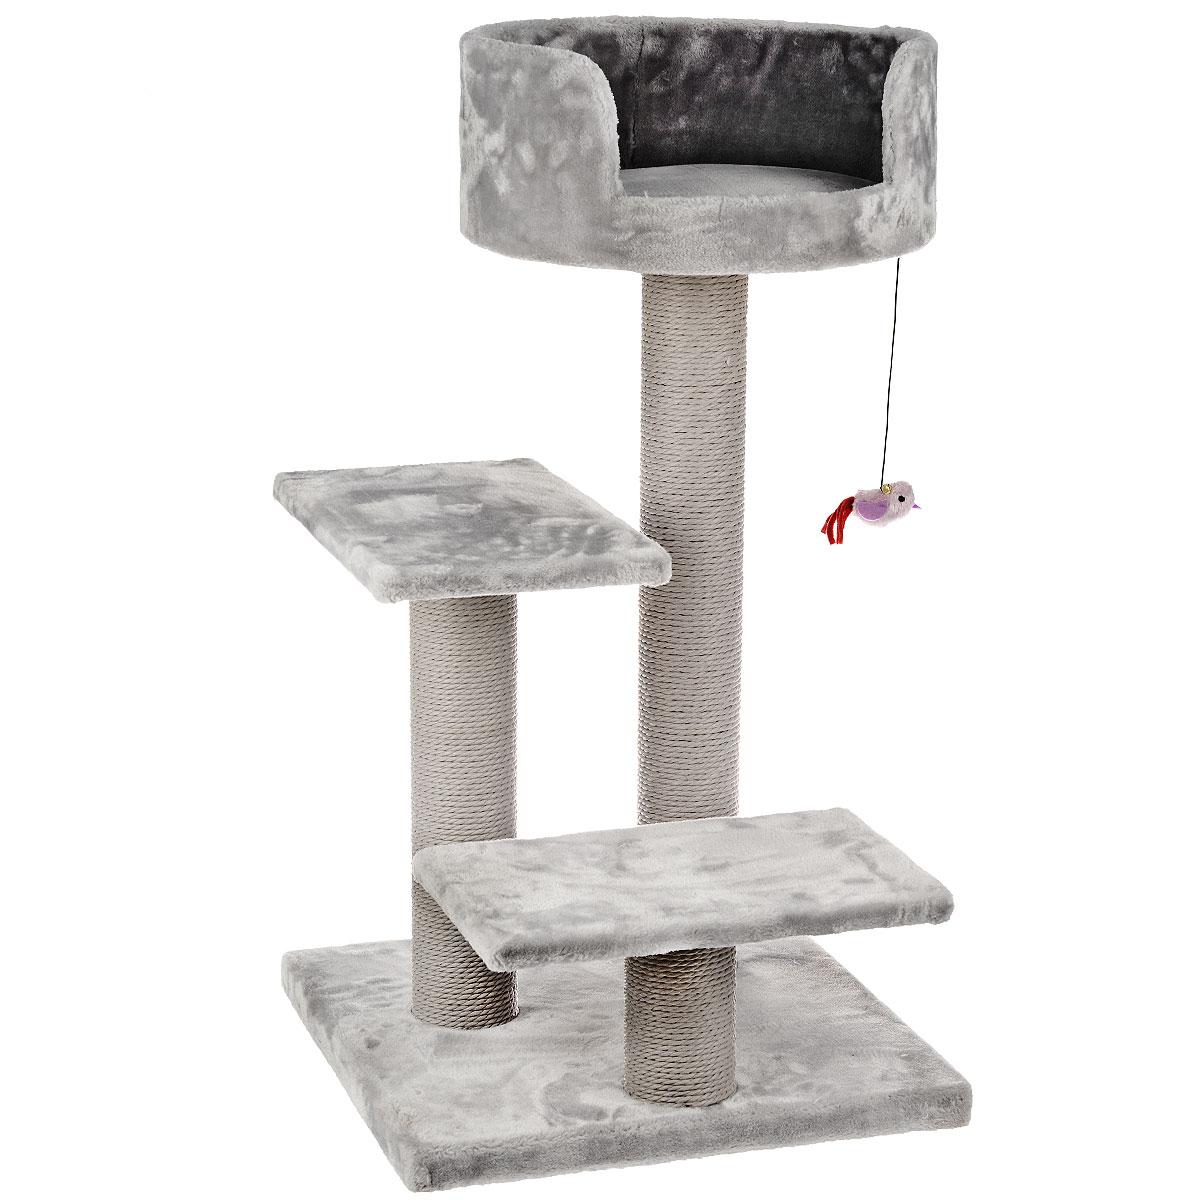 Комплекс для кошек I.P.T.S. Figo, цвет: серый, 50 см х 50 см х 92 см25874Комплекс I.P.T.S. Figo предназначен для досуга вашей кошки и состоит из трех уровней высоты. Целый дом в распоряжении кошки. Три уровня высоты, когтеточка, лестница в игровом комплексе позволяют кошки резвится и точить коготки. Комплекс обит плюшем. Когтеточка изготовлена из сизаля, натурального прочного материала. Размер комплекса: 50 см х 50 см х 92 см.